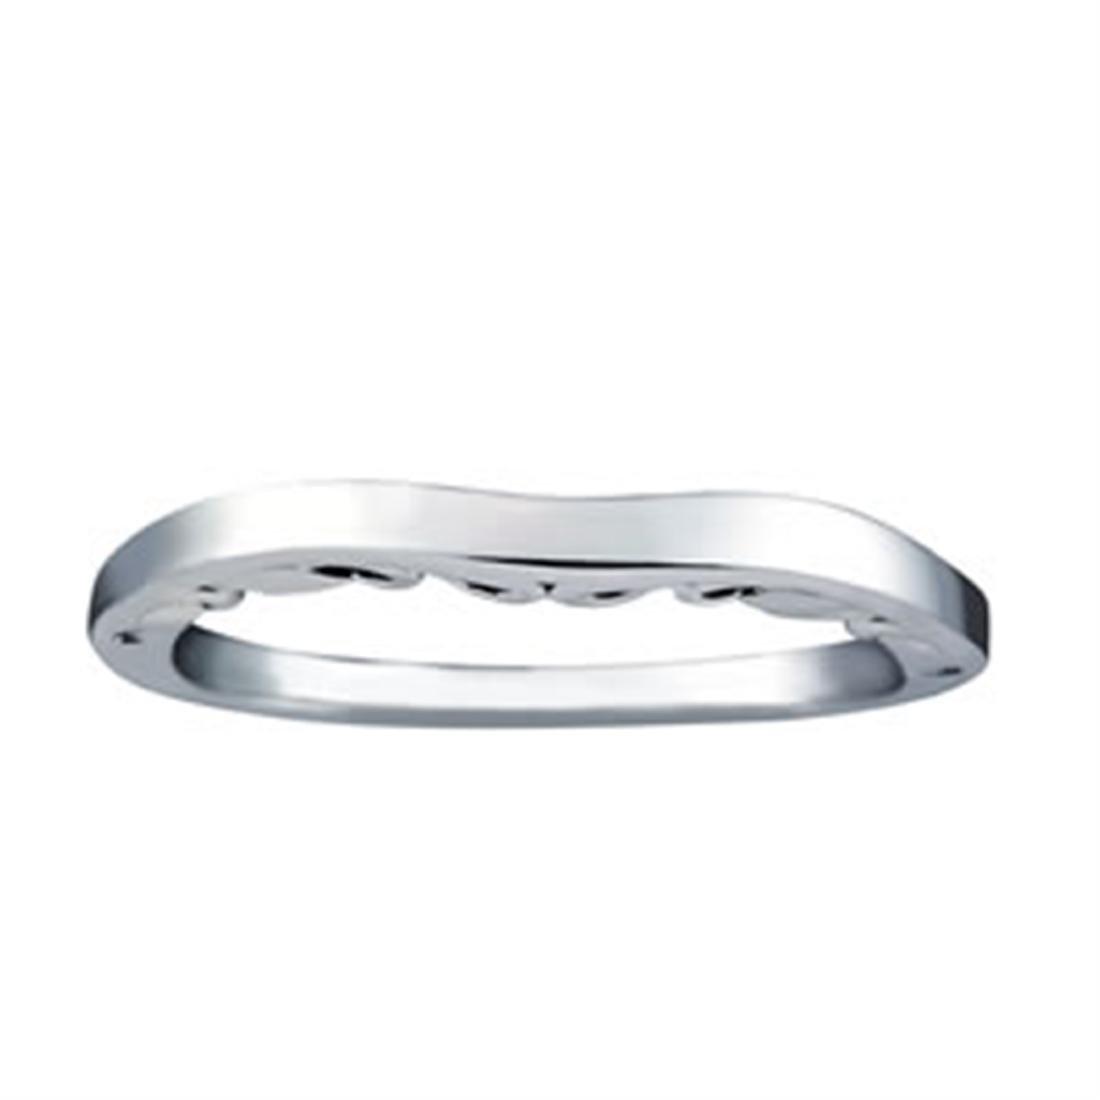 14kt gold 3.42 gram Wedding Bands/Curved Bands